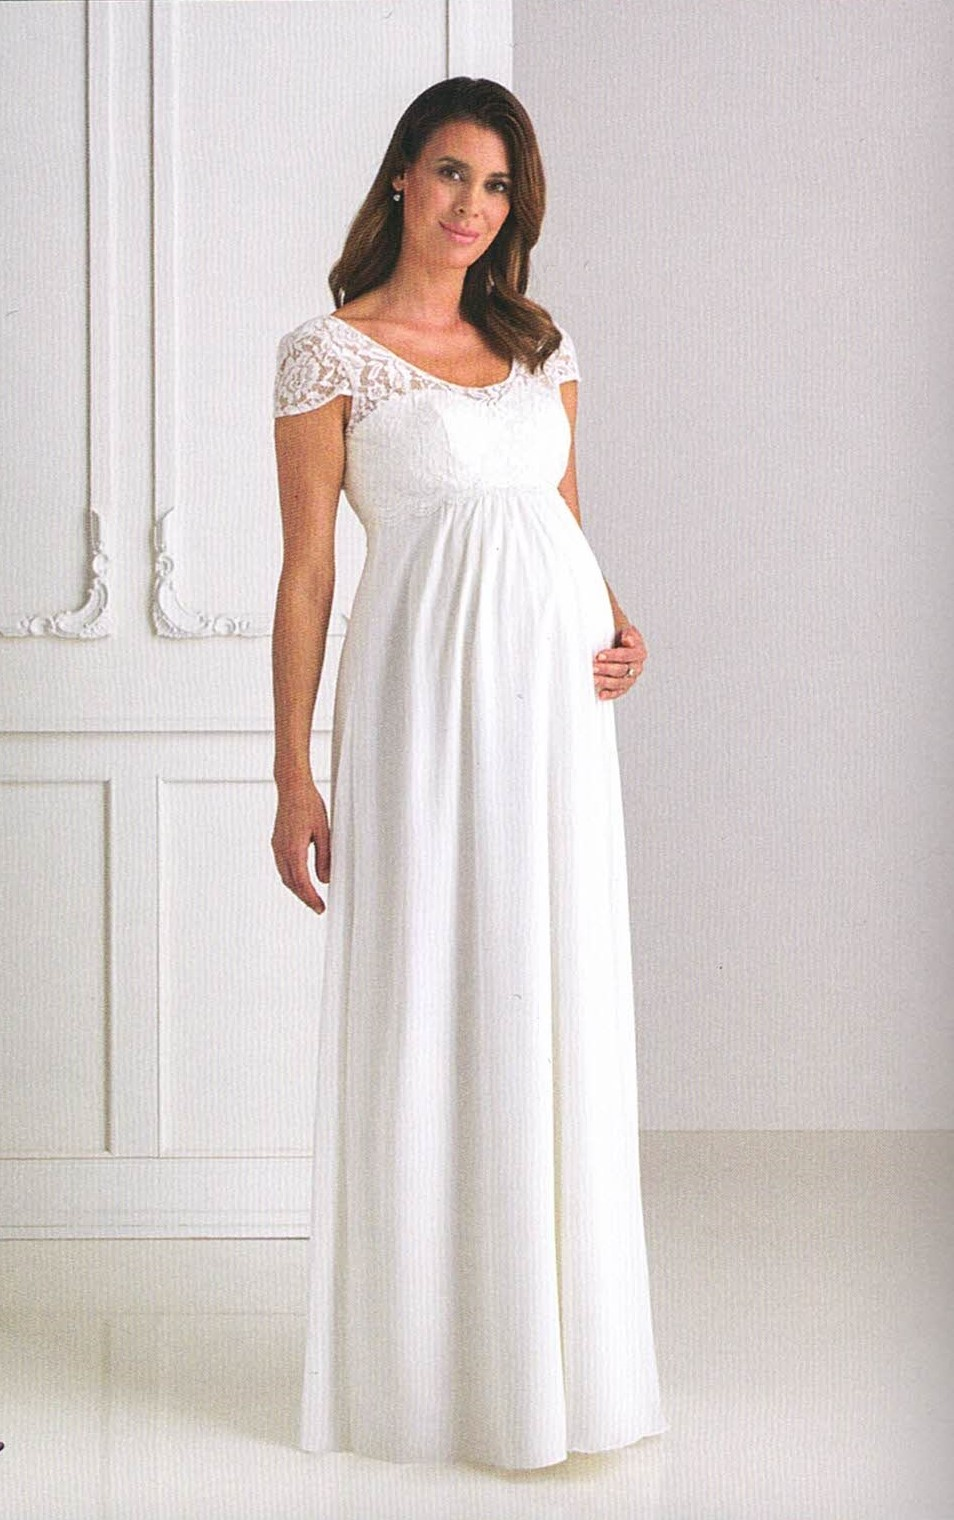 Brautkleider Hochzeitskleider Mode für schwangere langes Kleid mit Spitze und kleiner Ärmel runder Ausschnitt